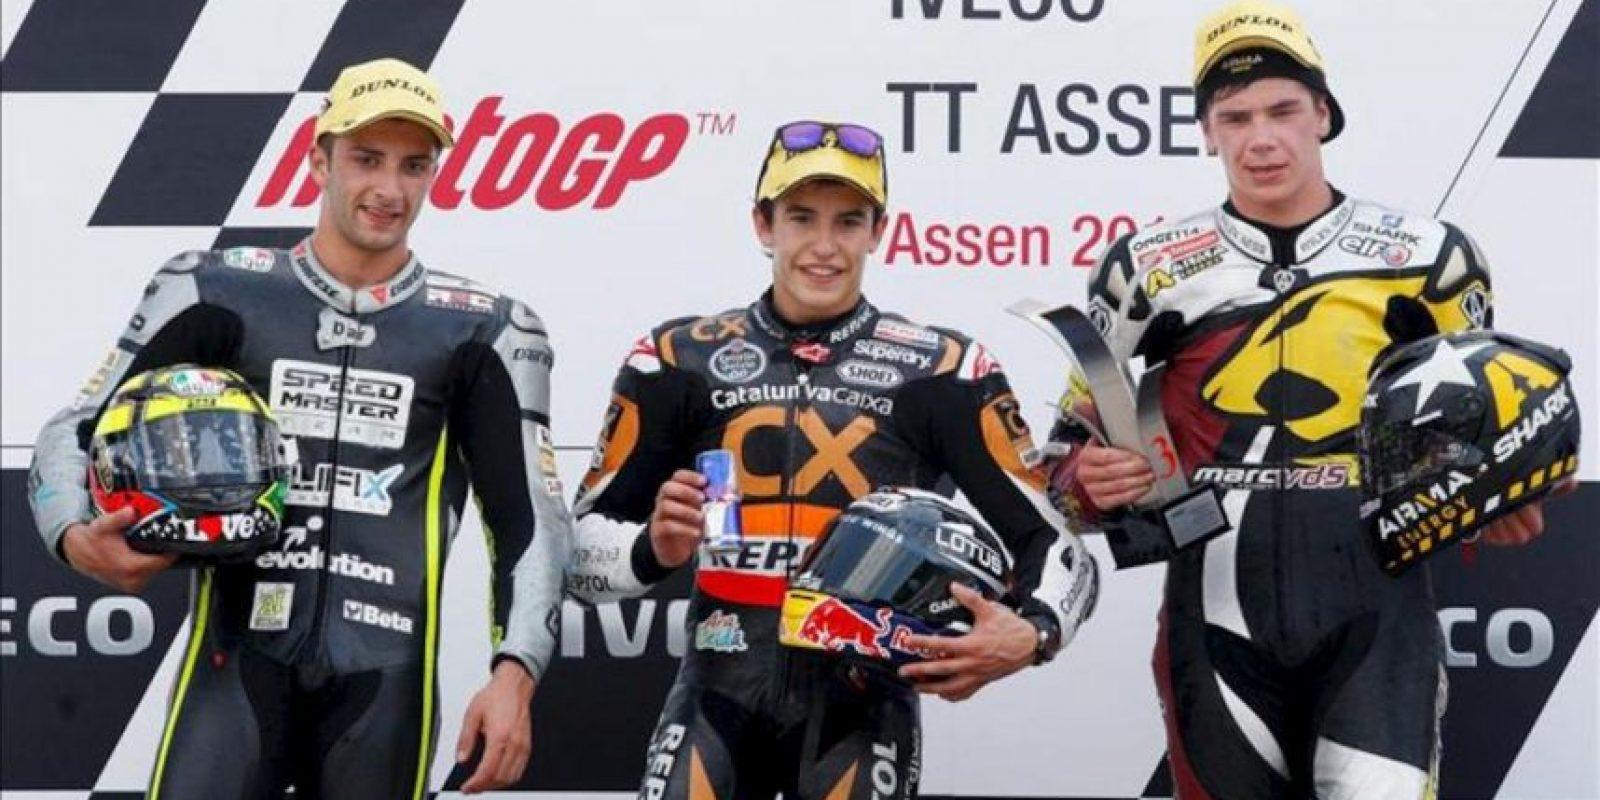 El piloto español de Moto2 Marc Márquez (c), el italiano Andrea Iannone (izq) y el británico Scott Redding celebran en el podio tras el Gran Premio de Holanda de motociclismo disputado hoy, sábado 30 de junio de 2012 en Assen (Holanda). EFE